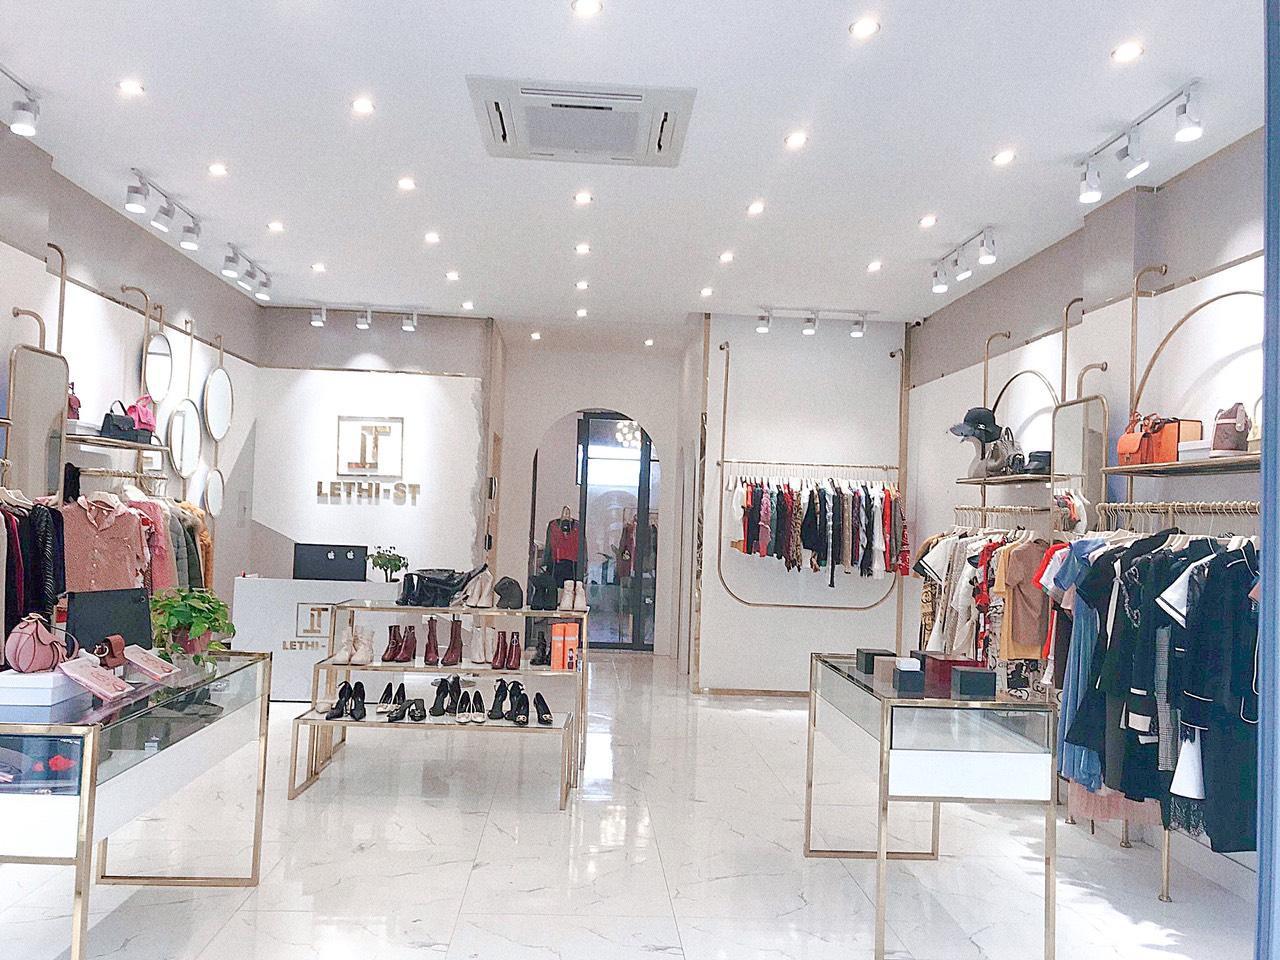 Lêthi - ST: Địa chỉ mua sắm thời trang được nhiều bạn trẻ yêu thích - Ảnh 2.